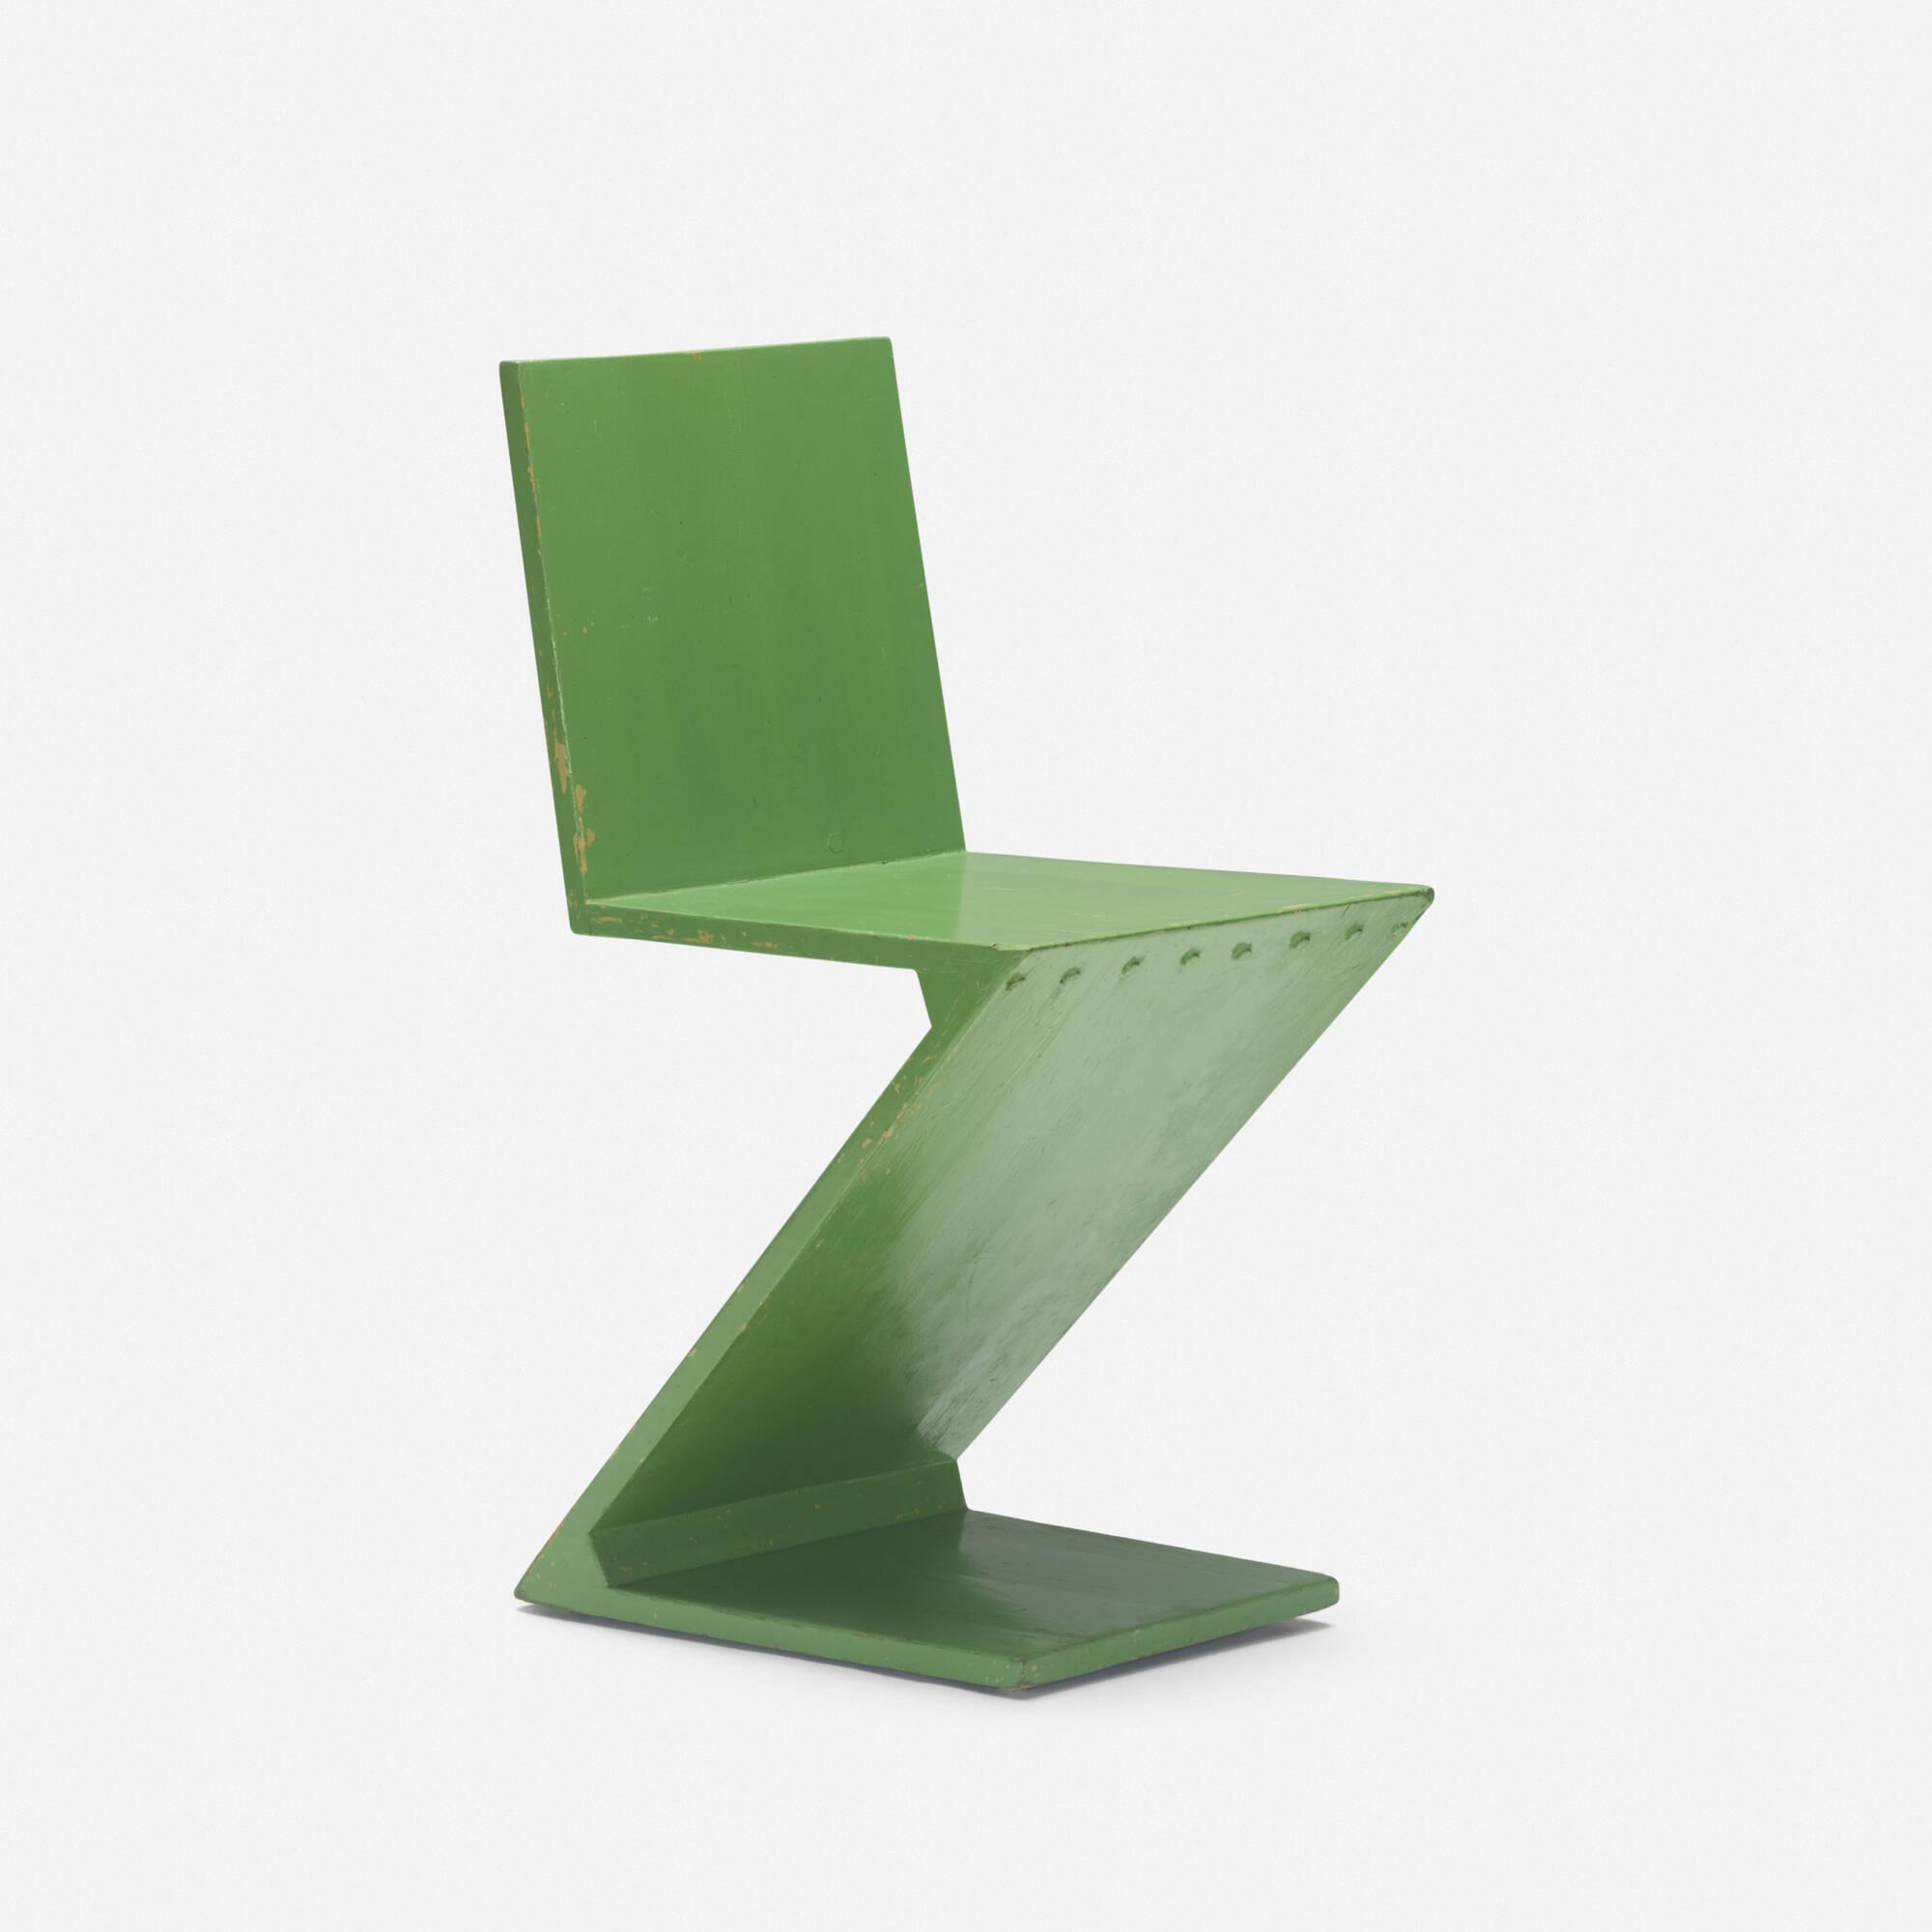 256: Gerrit Rietveld / Zig Zag chair (1 of 3)